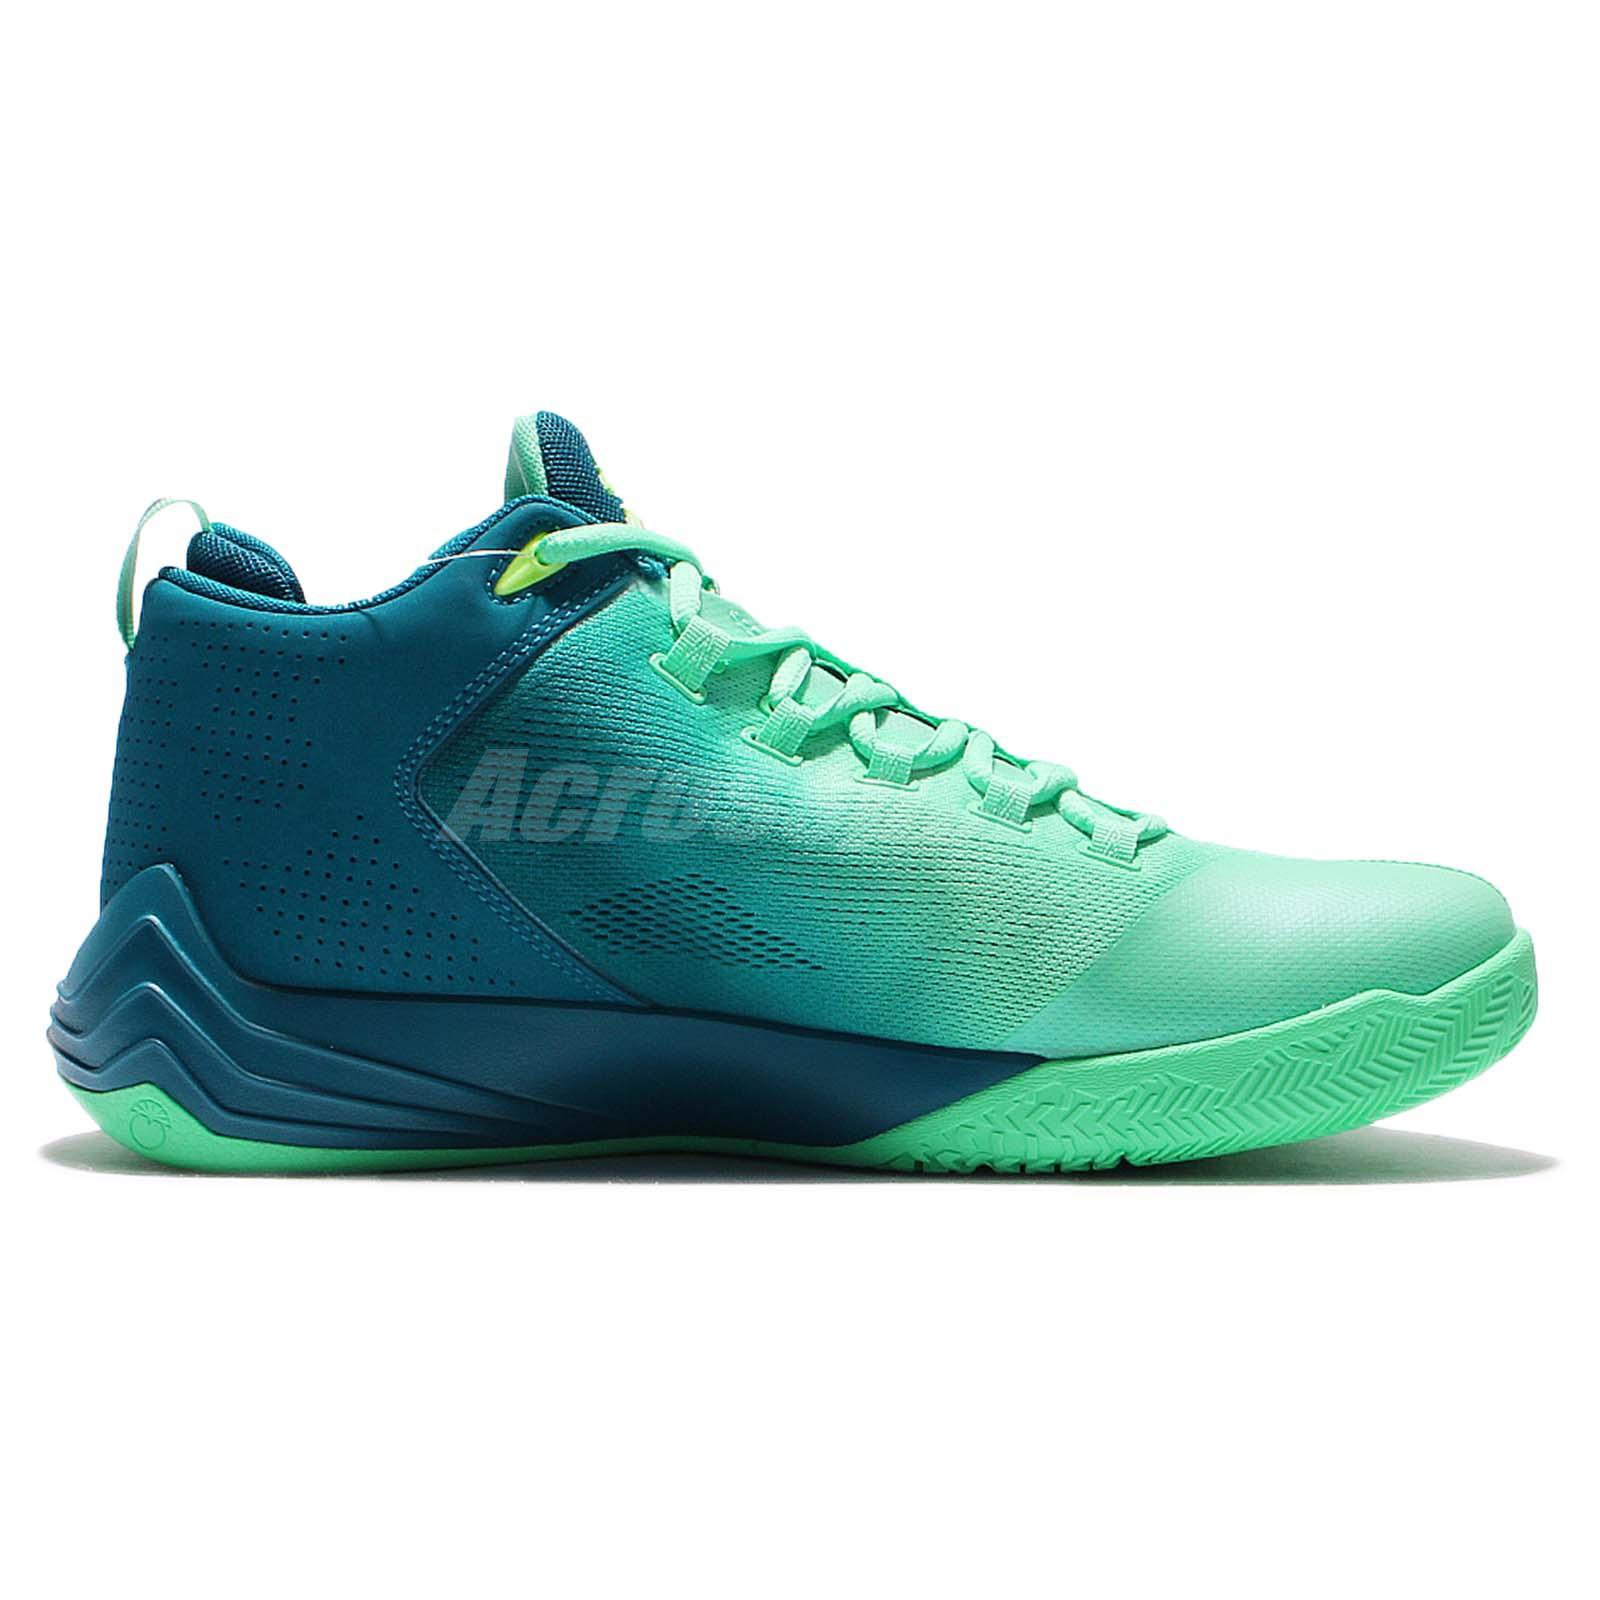 Elbplanke Ä Tännsch N Please: Nike Jordan CP3.IX AE X 9 Chris Paul Green Mens Basketball